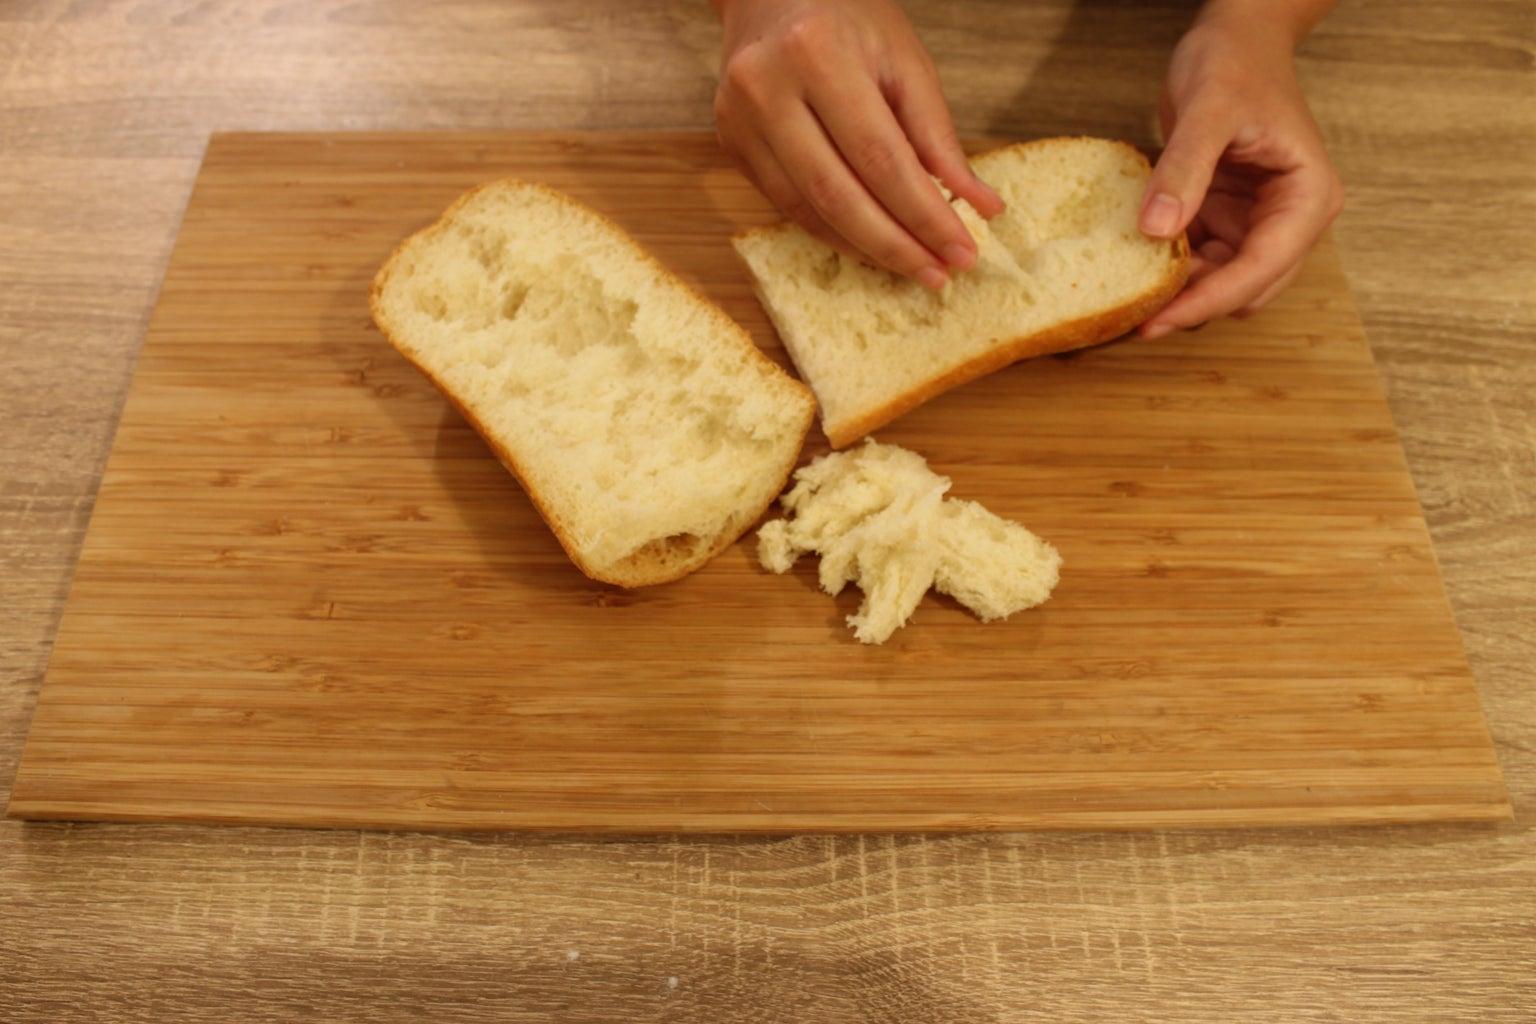 Cut the Last Ingredients